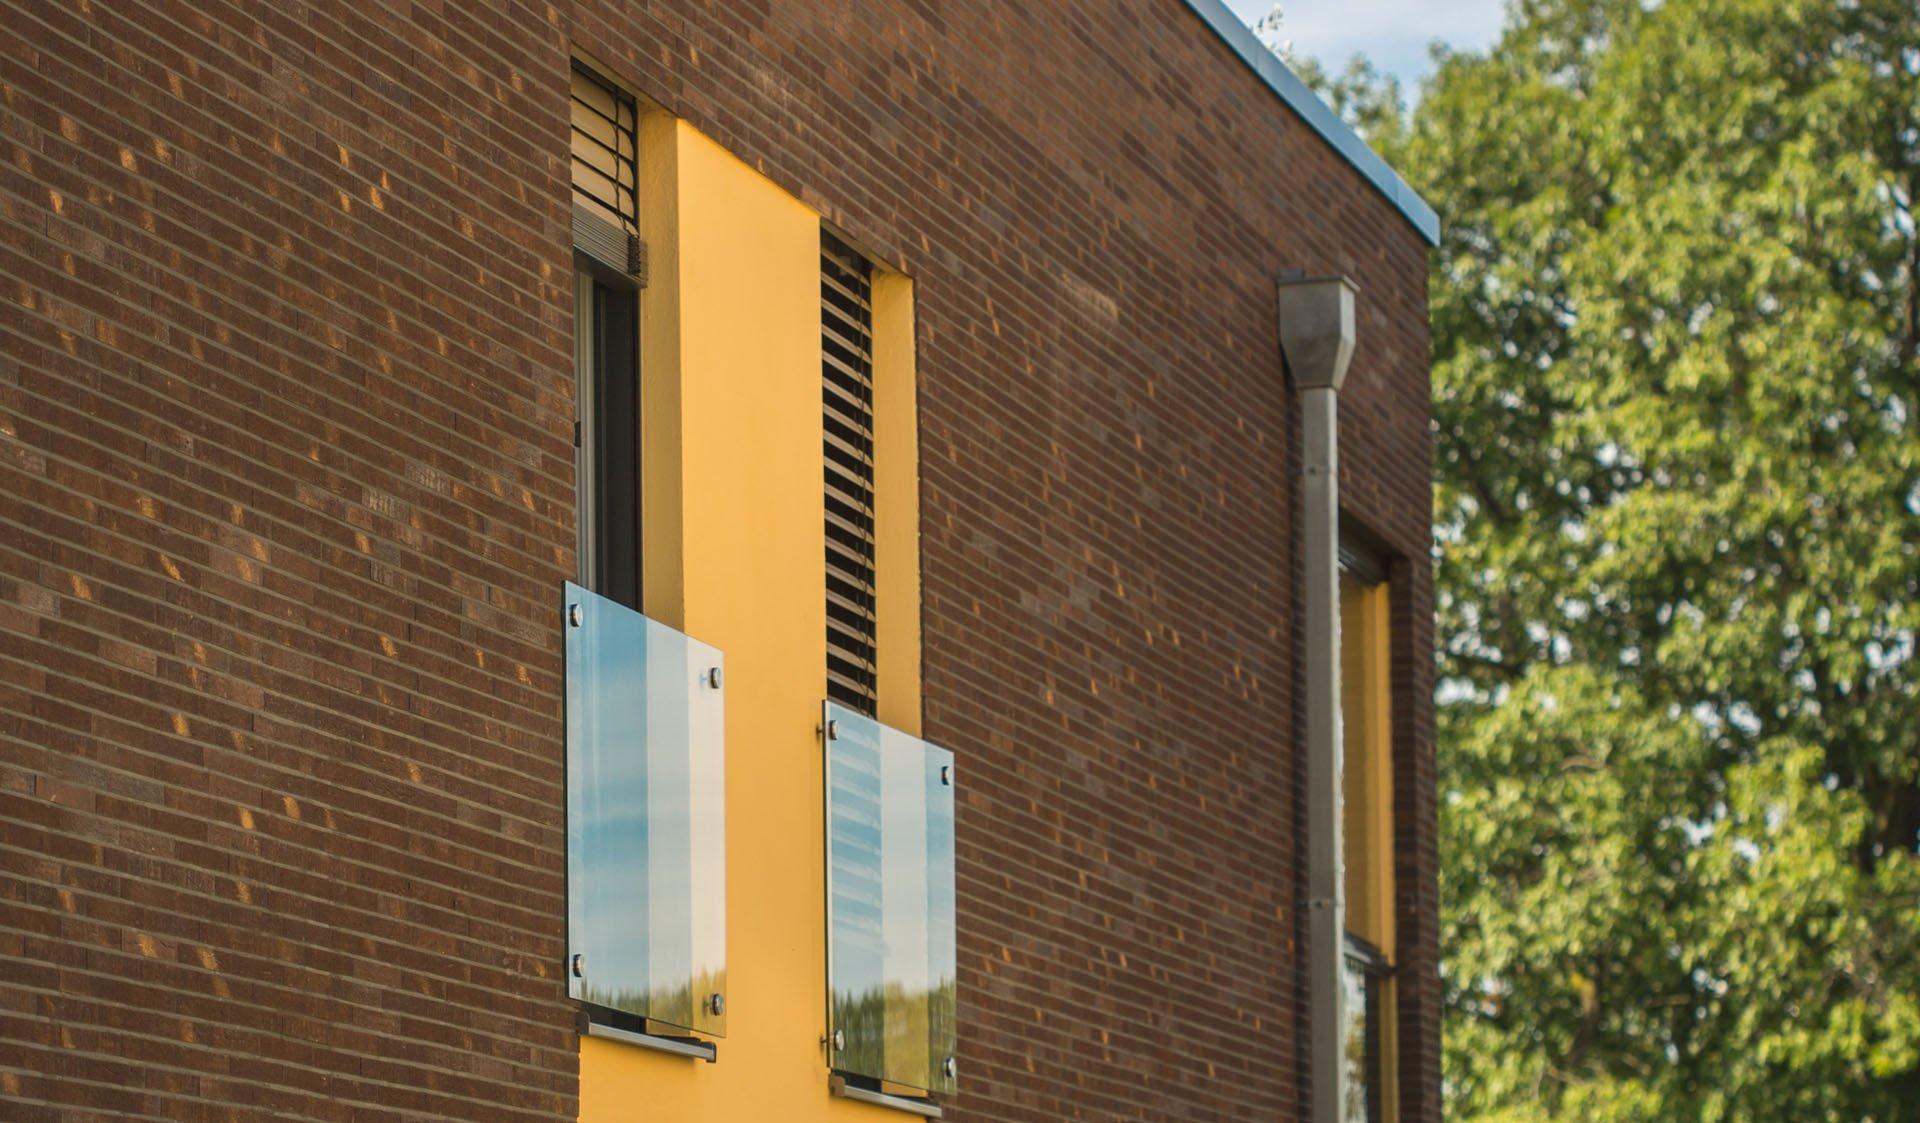 Hauswand mit Fenstern und Jalousien